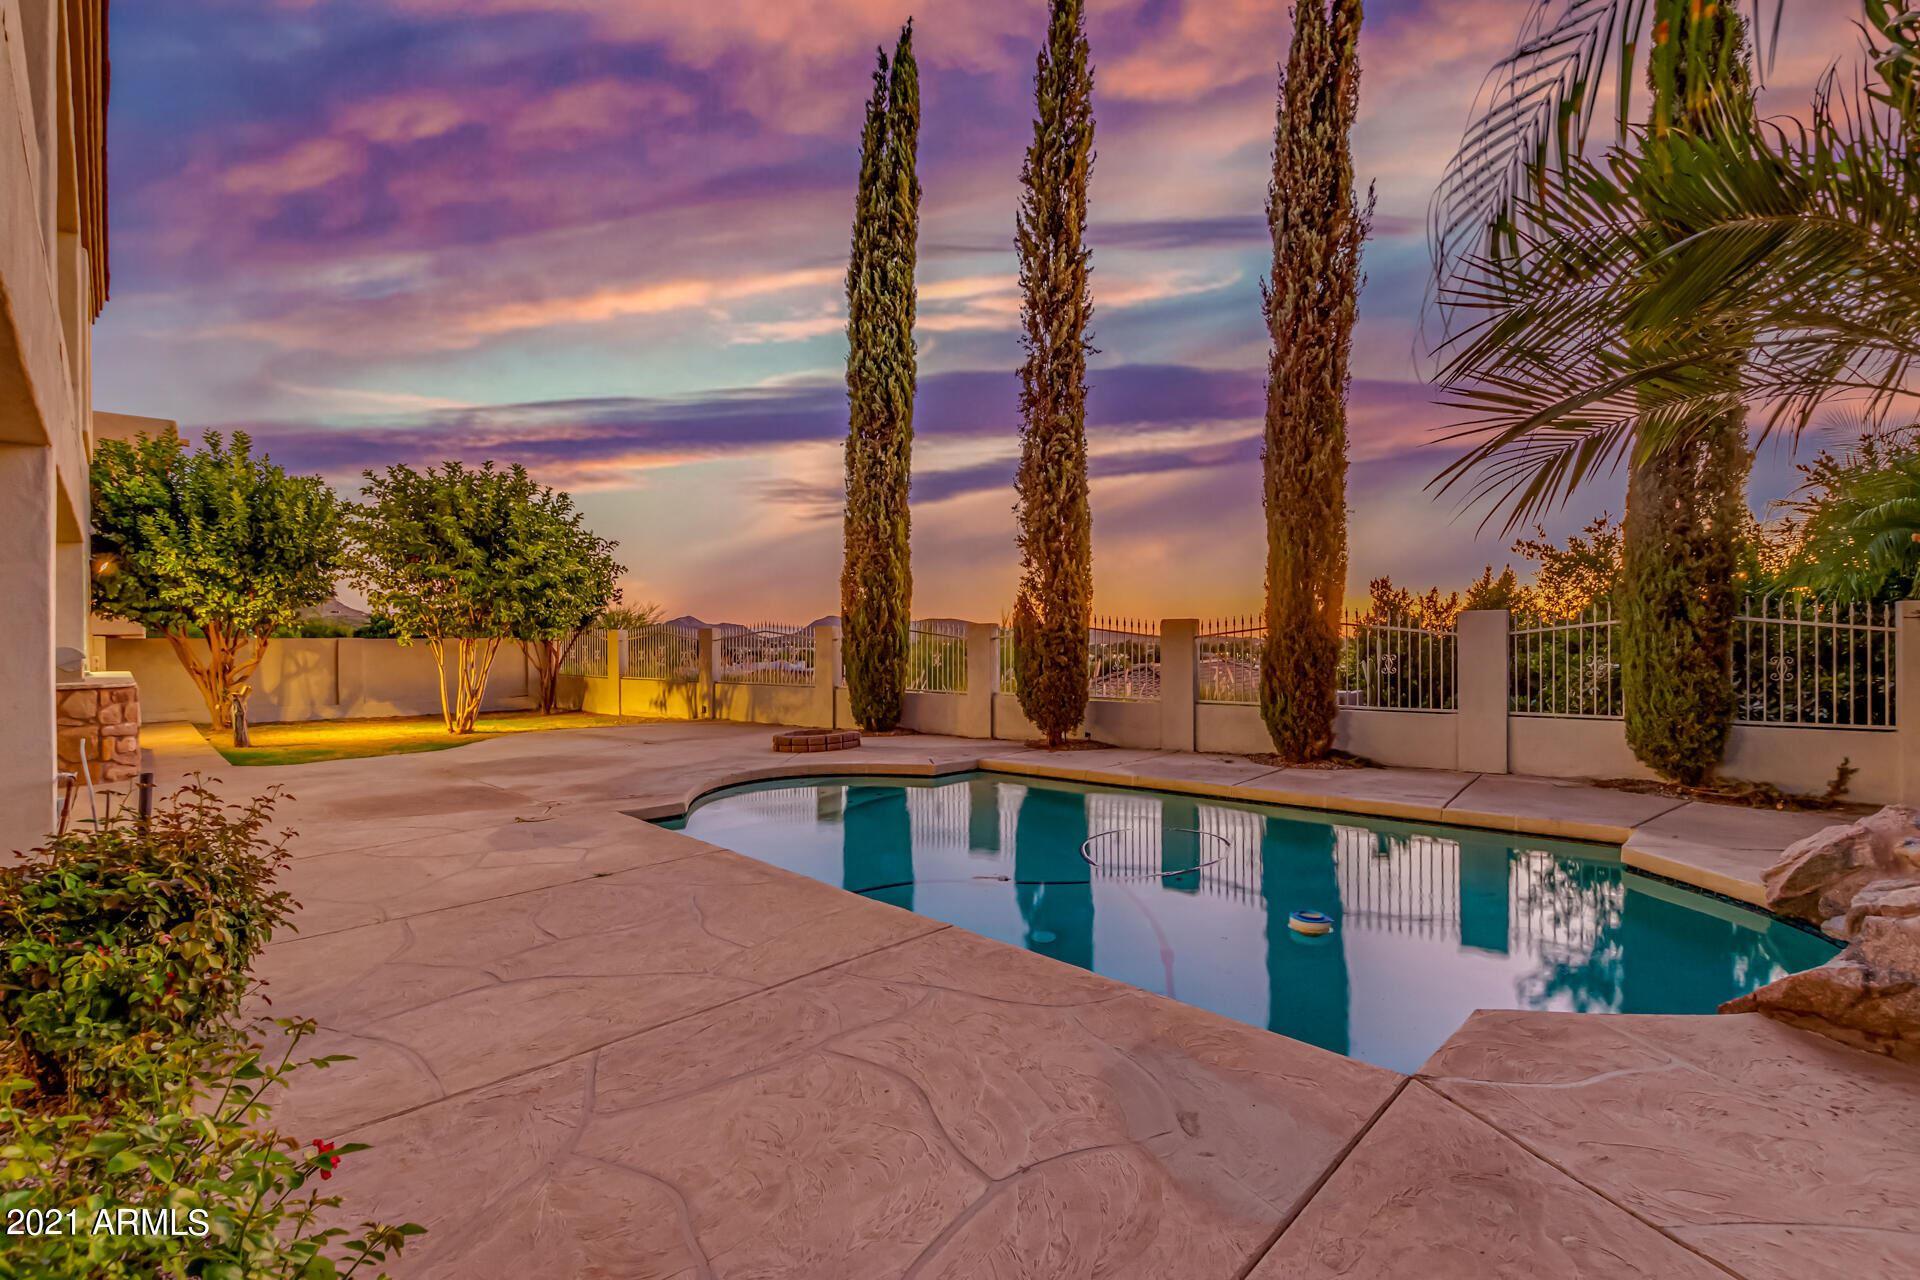 Photo of 18422 N 14TH Street, Phoenix, AZ 85022 (MLS # 6307873)